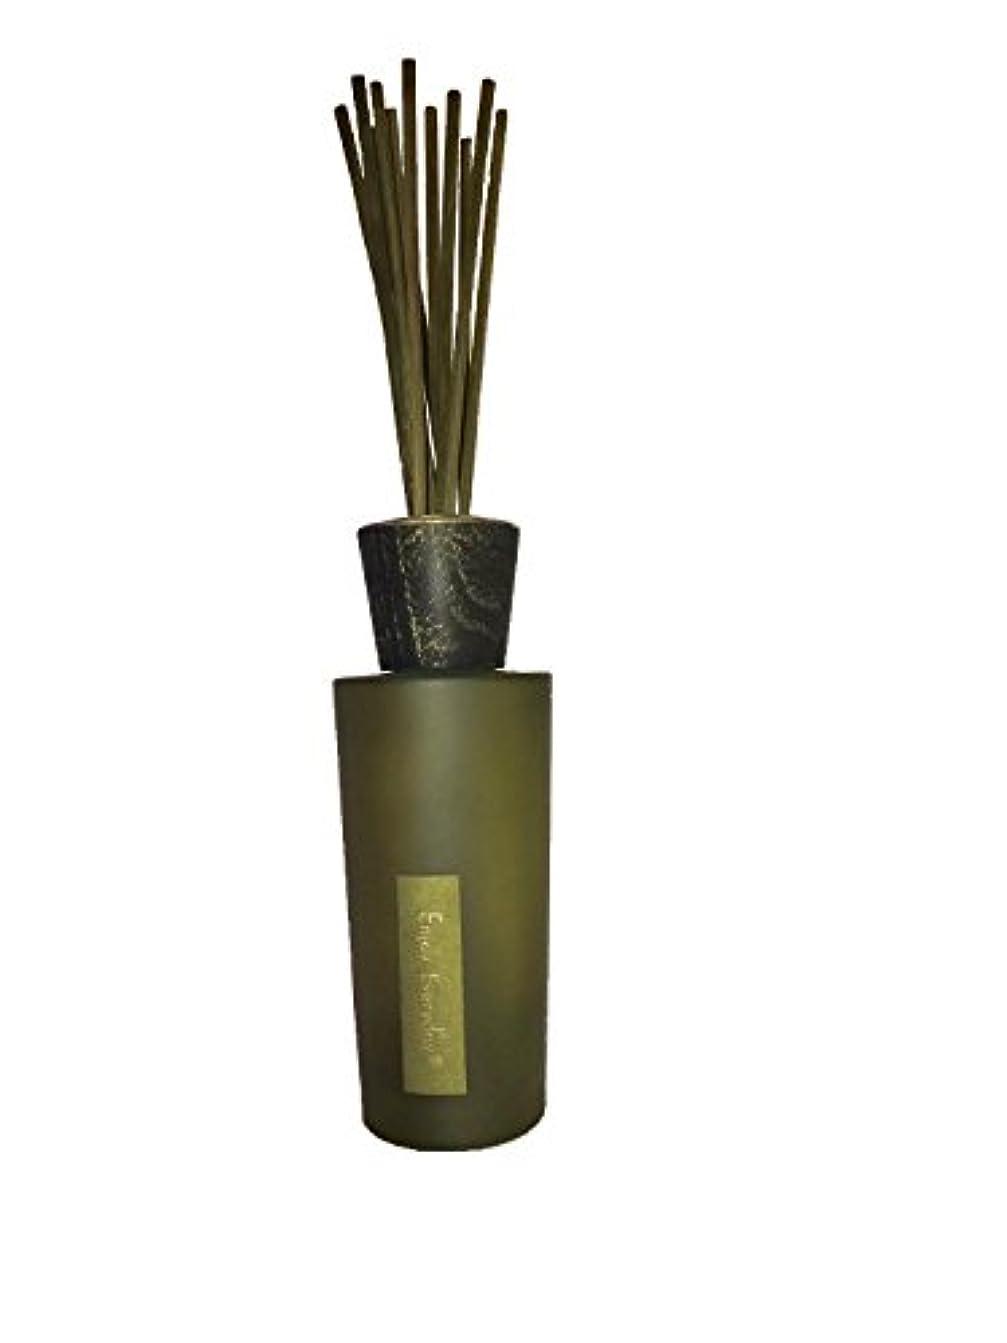 ハンマー解明する王位40%OFF!【Branch of Aroma】100%天然アロマスティックディフューザー-9種の香り- (200ml) (Hotジンジャー)